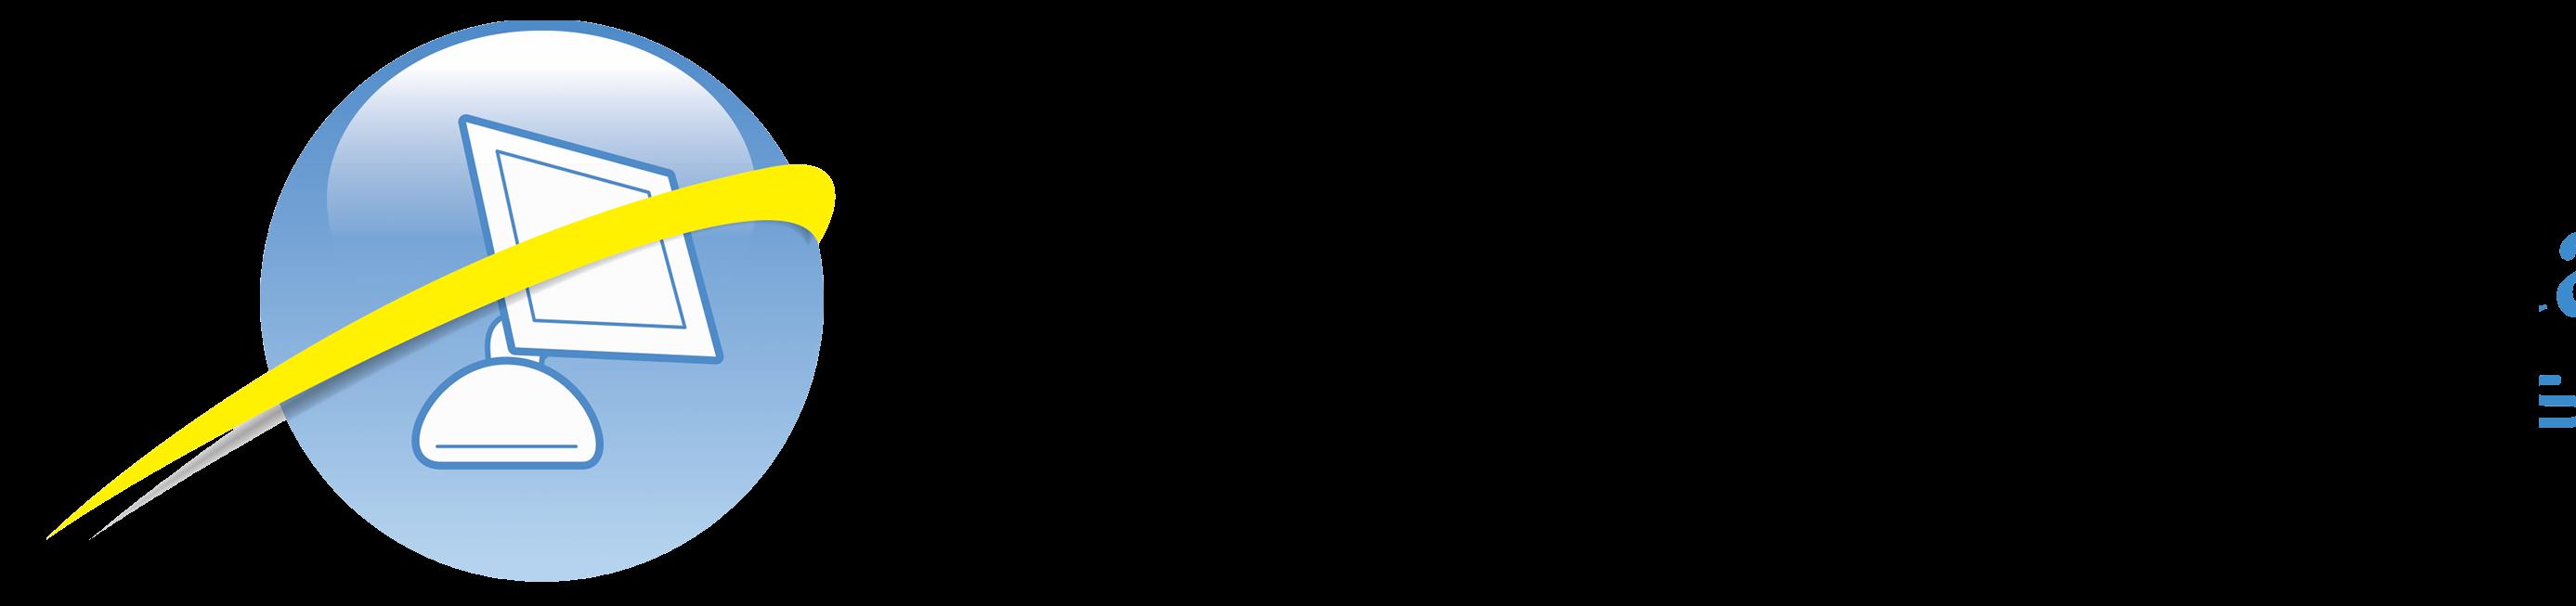 Turrisystem